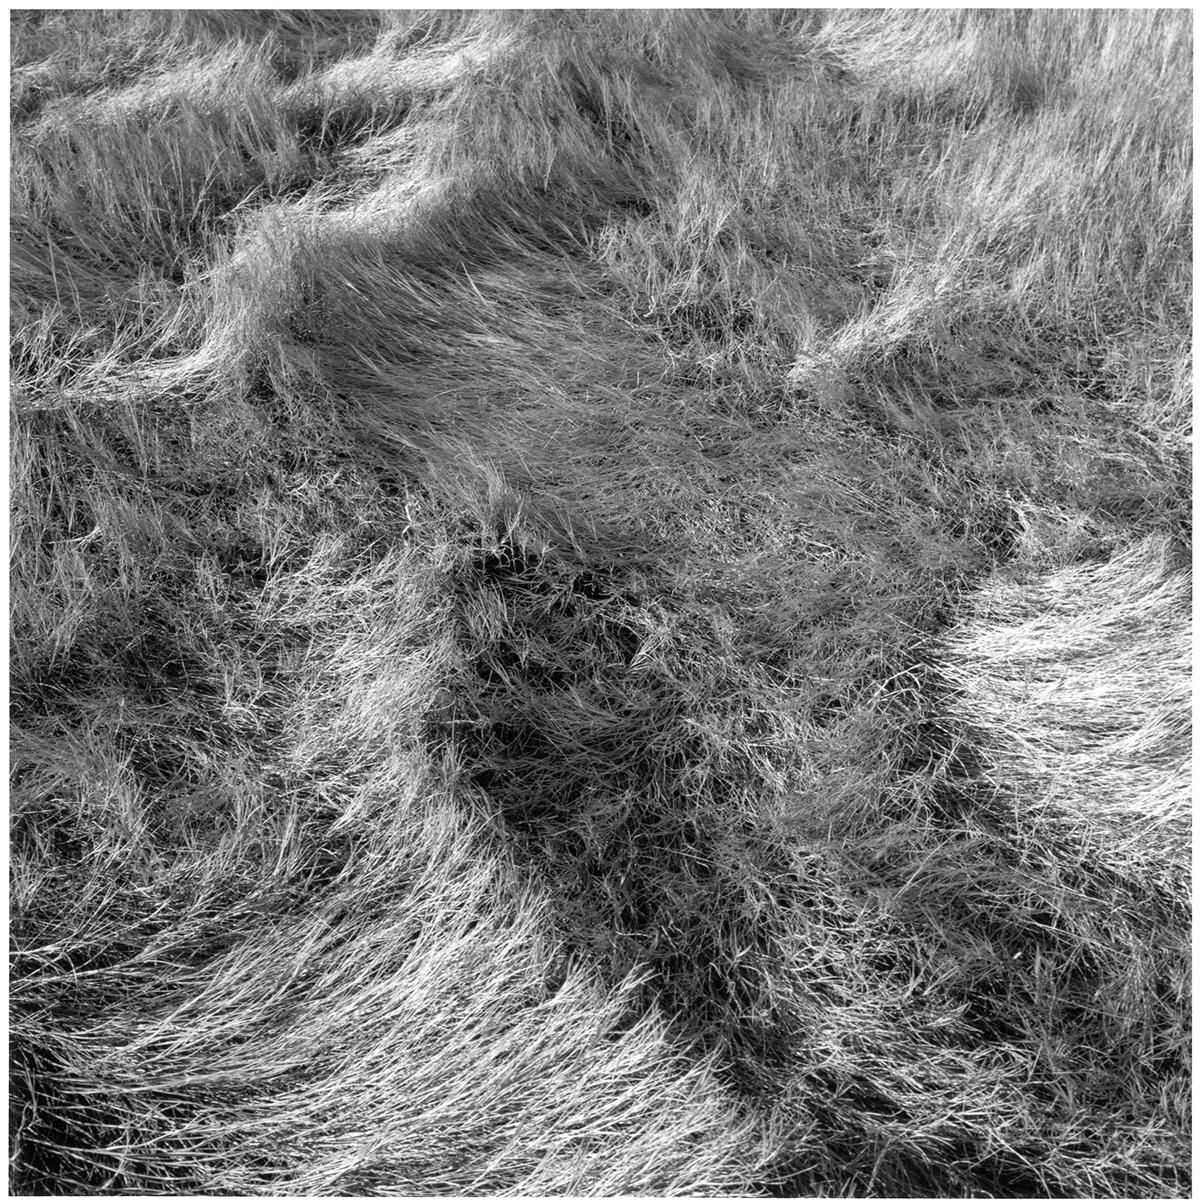 Salt Marsh Grass #1, 1999